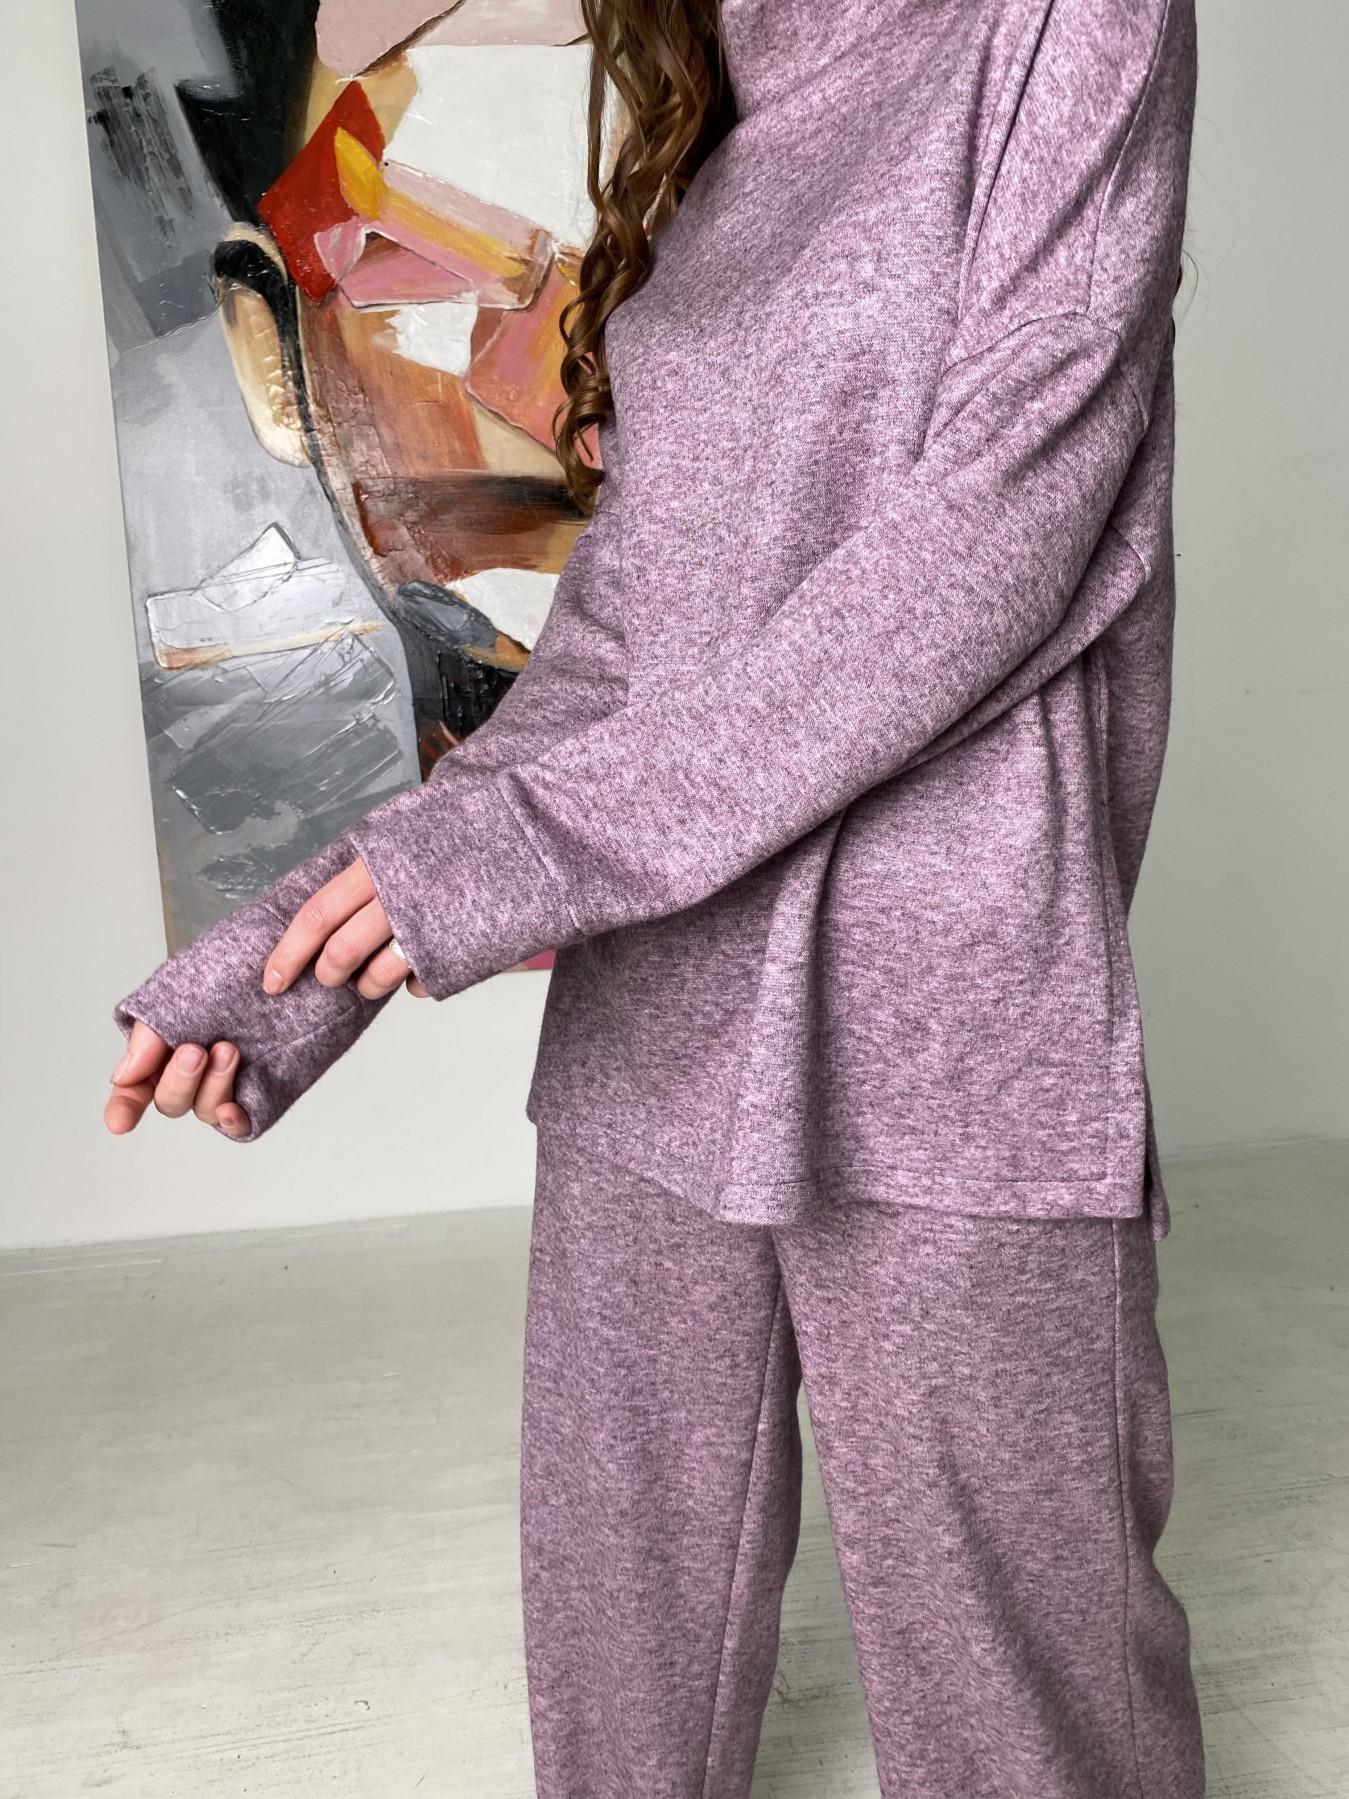 Лав Ю костюм из ангоры 10531 АРТ. 46874 Цвет: Сирень Темная Меланж - фото 4, интернет магазин tm-modus.ru